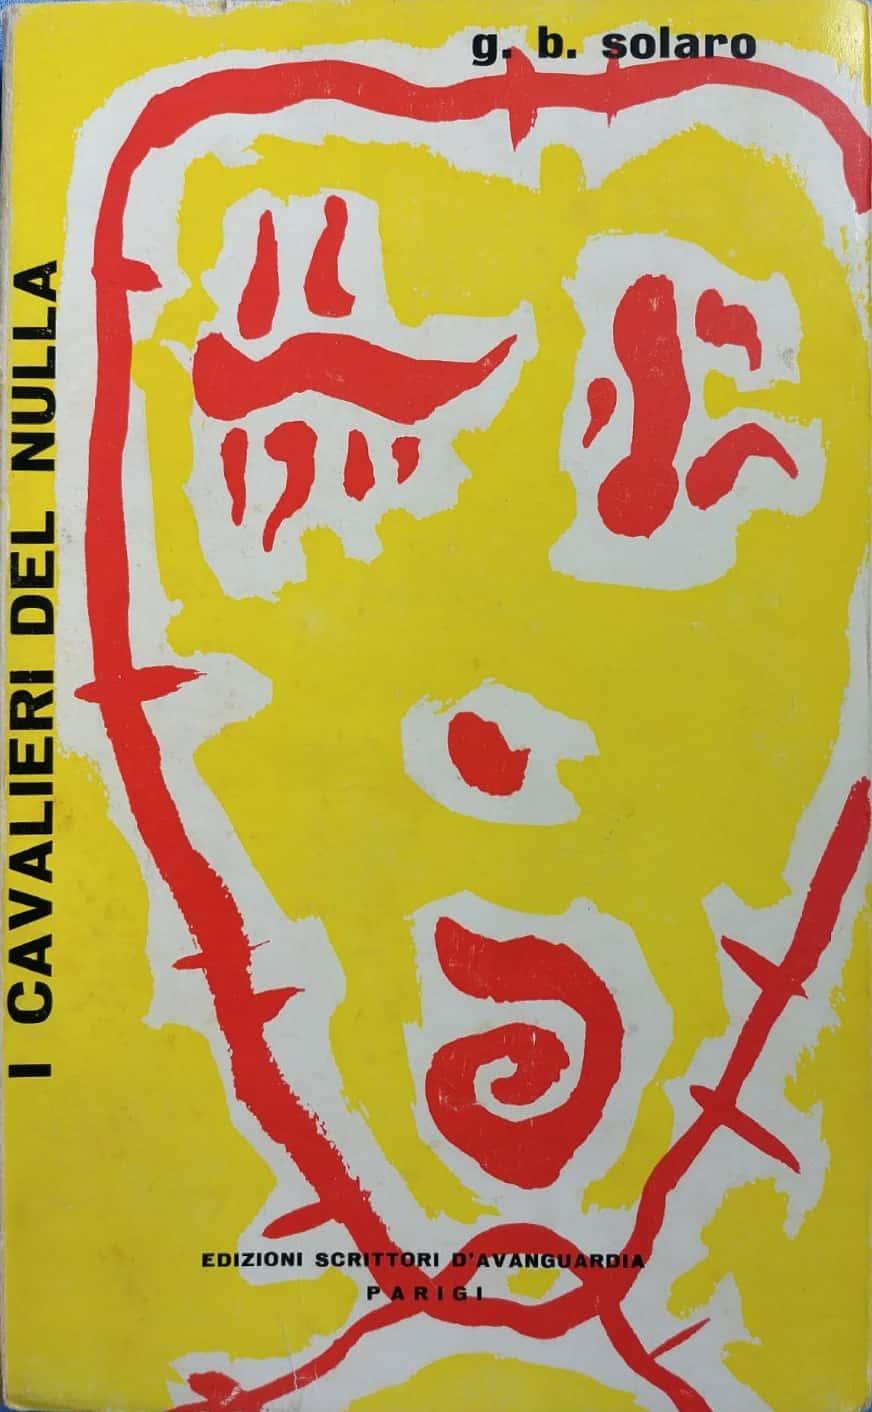 """L'introvabile """"I cavalieri del nulla"""", di Giovanni Bruno Solaro"""